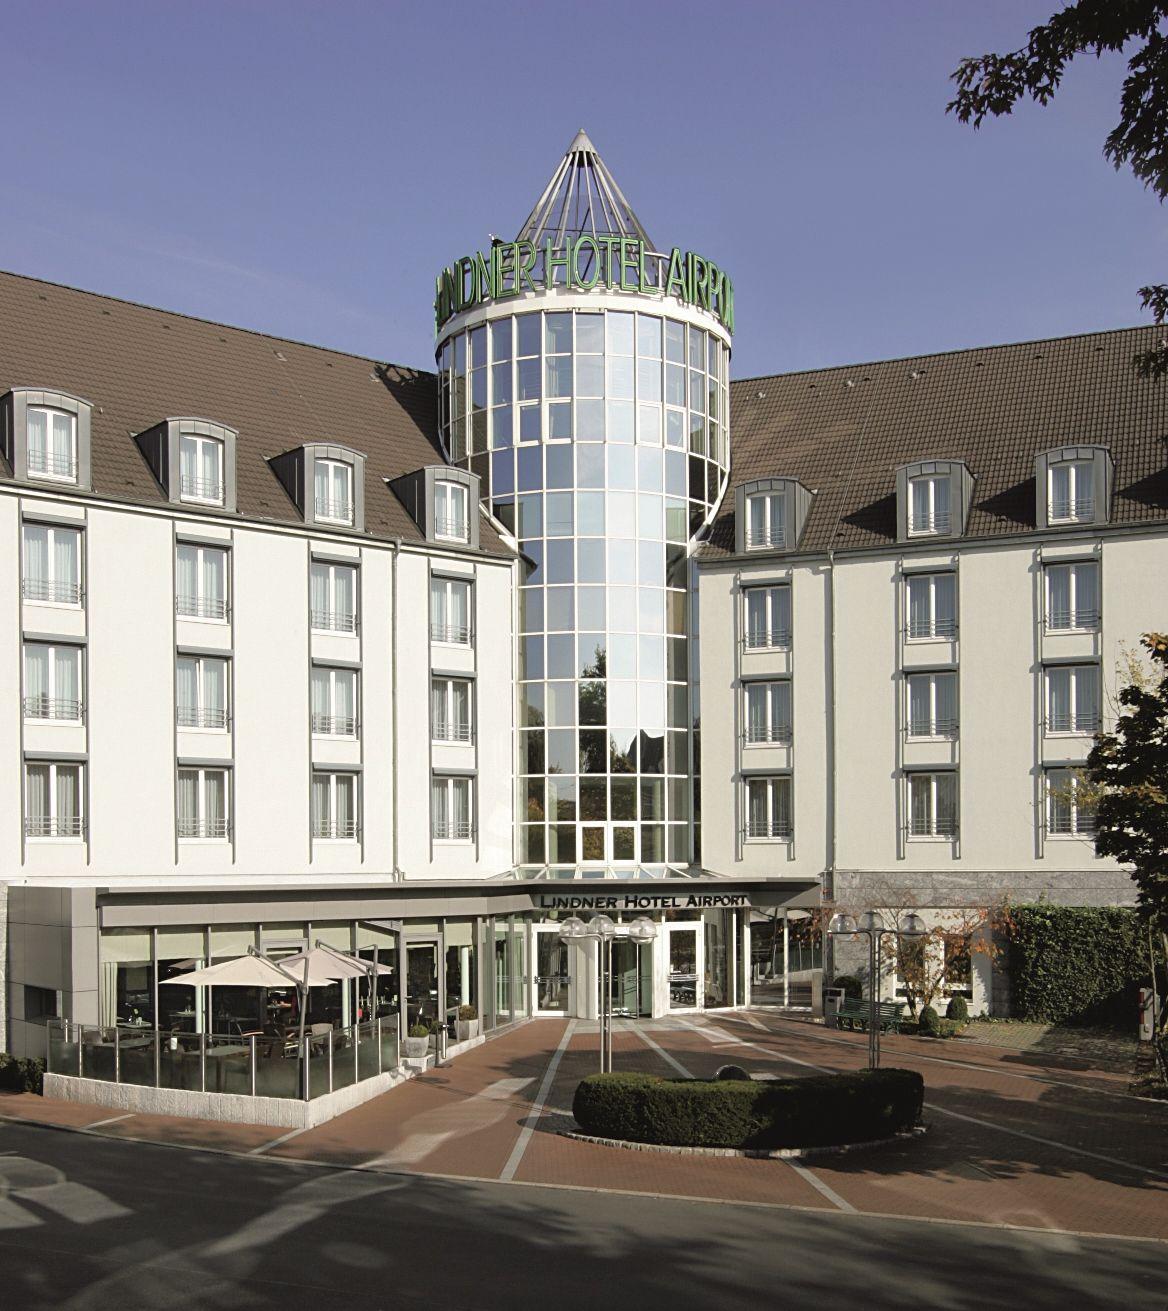 Lindner Hotel Airport in Düsseldorf Hotel düsseldorf